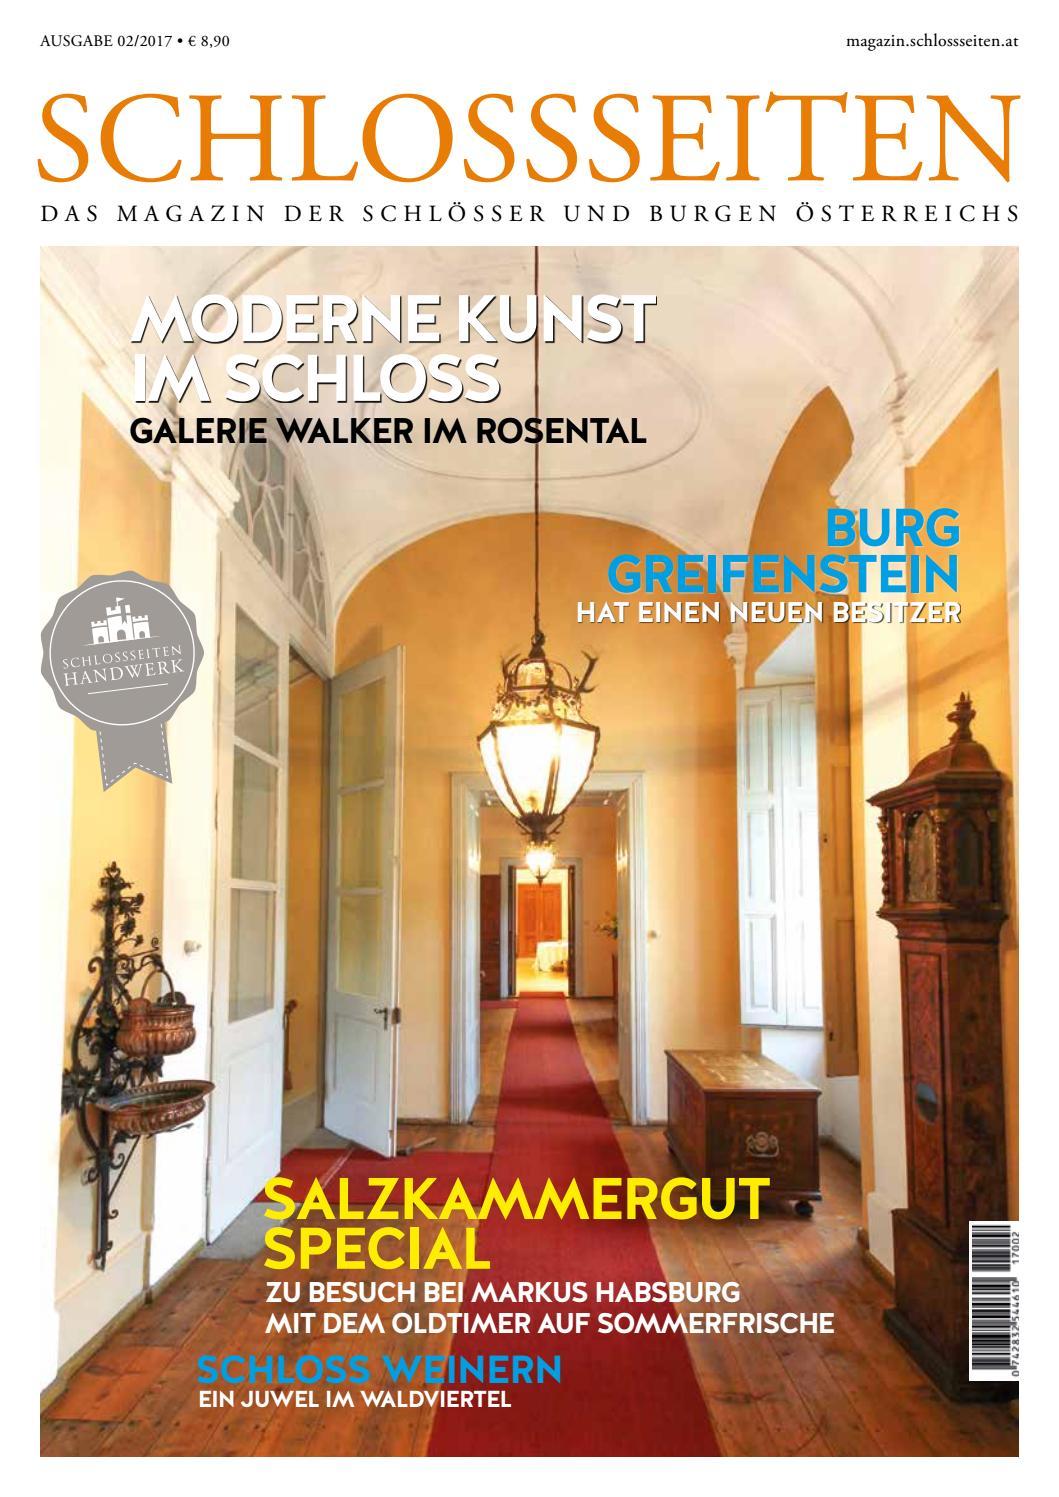 Schlossseiten Magazin 02/2017 by Schlossseiten - issuu